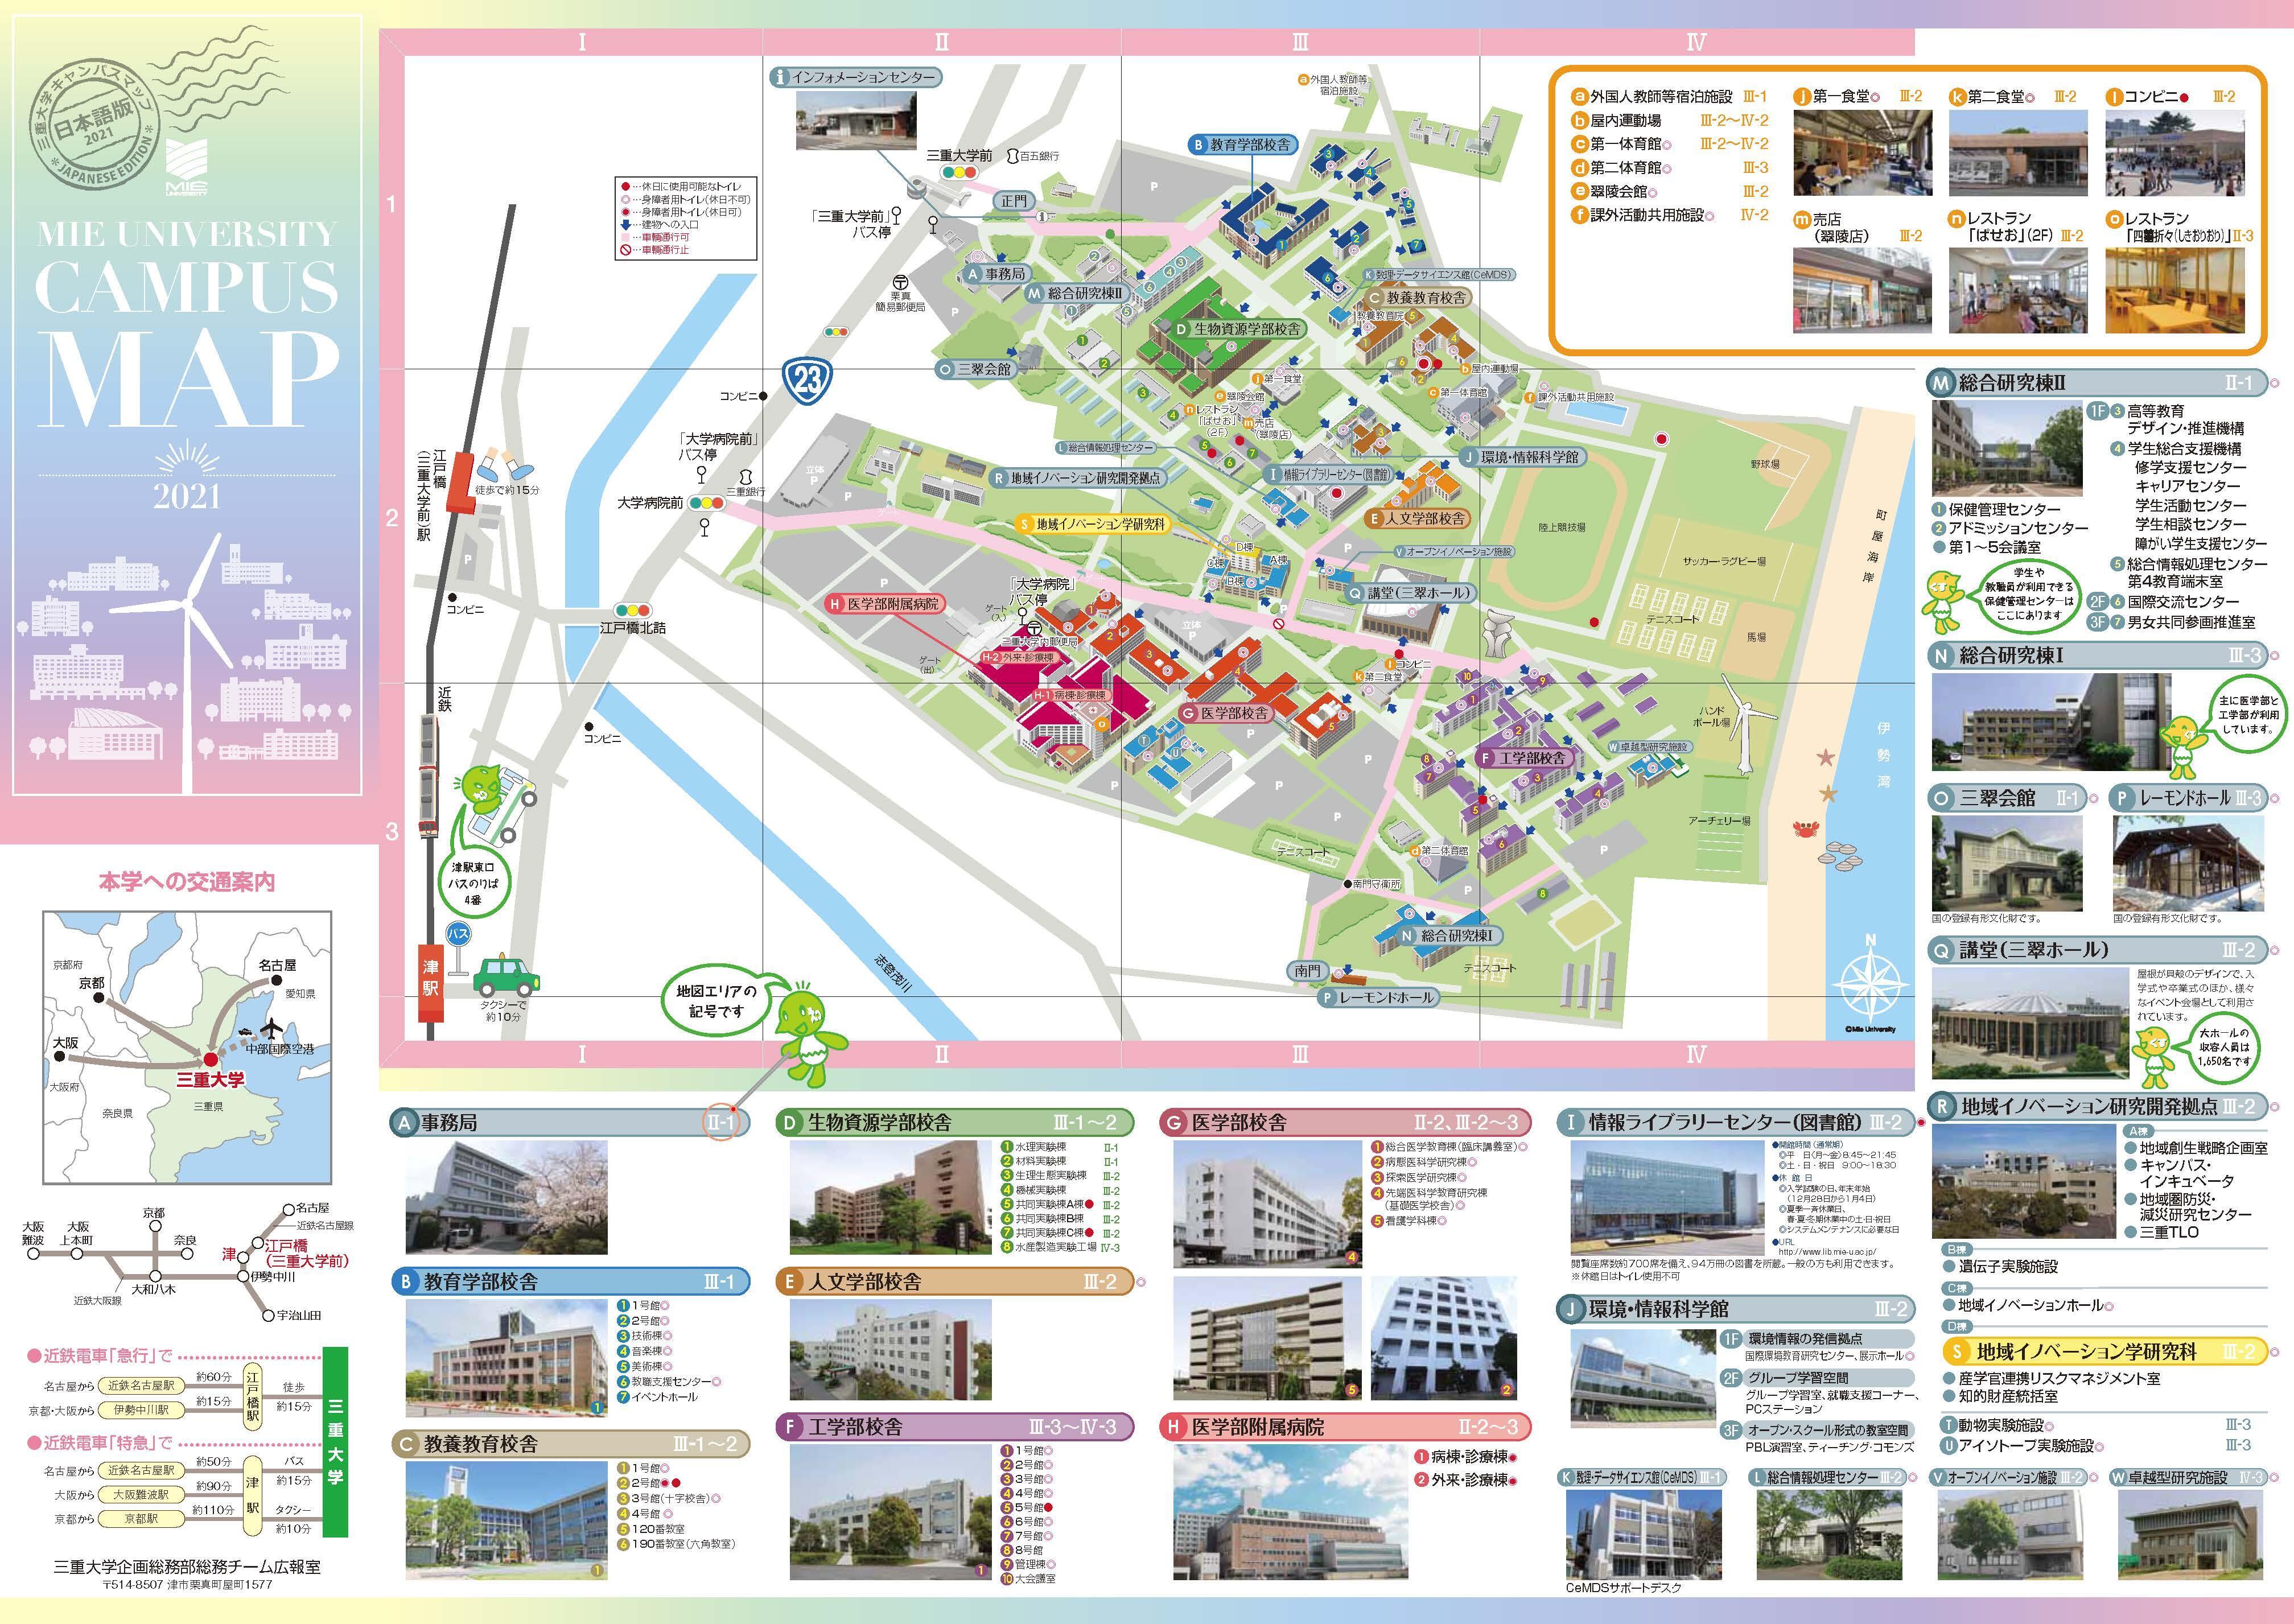 2021_campusmap-j cMap.jpeg.jpg